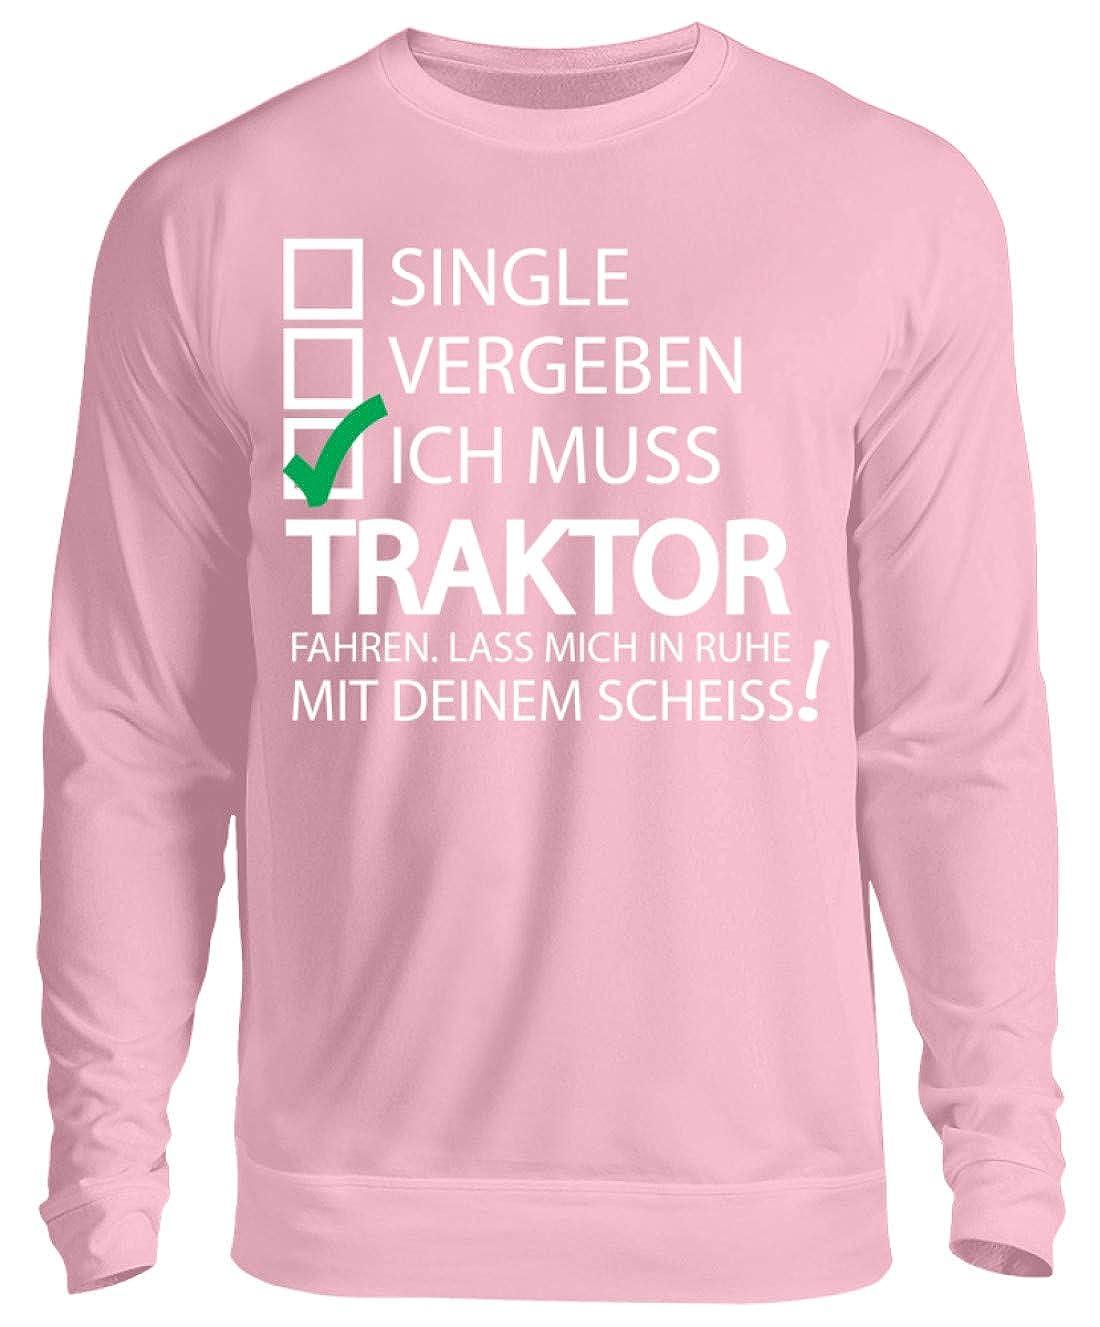 fendt pullover damen pink